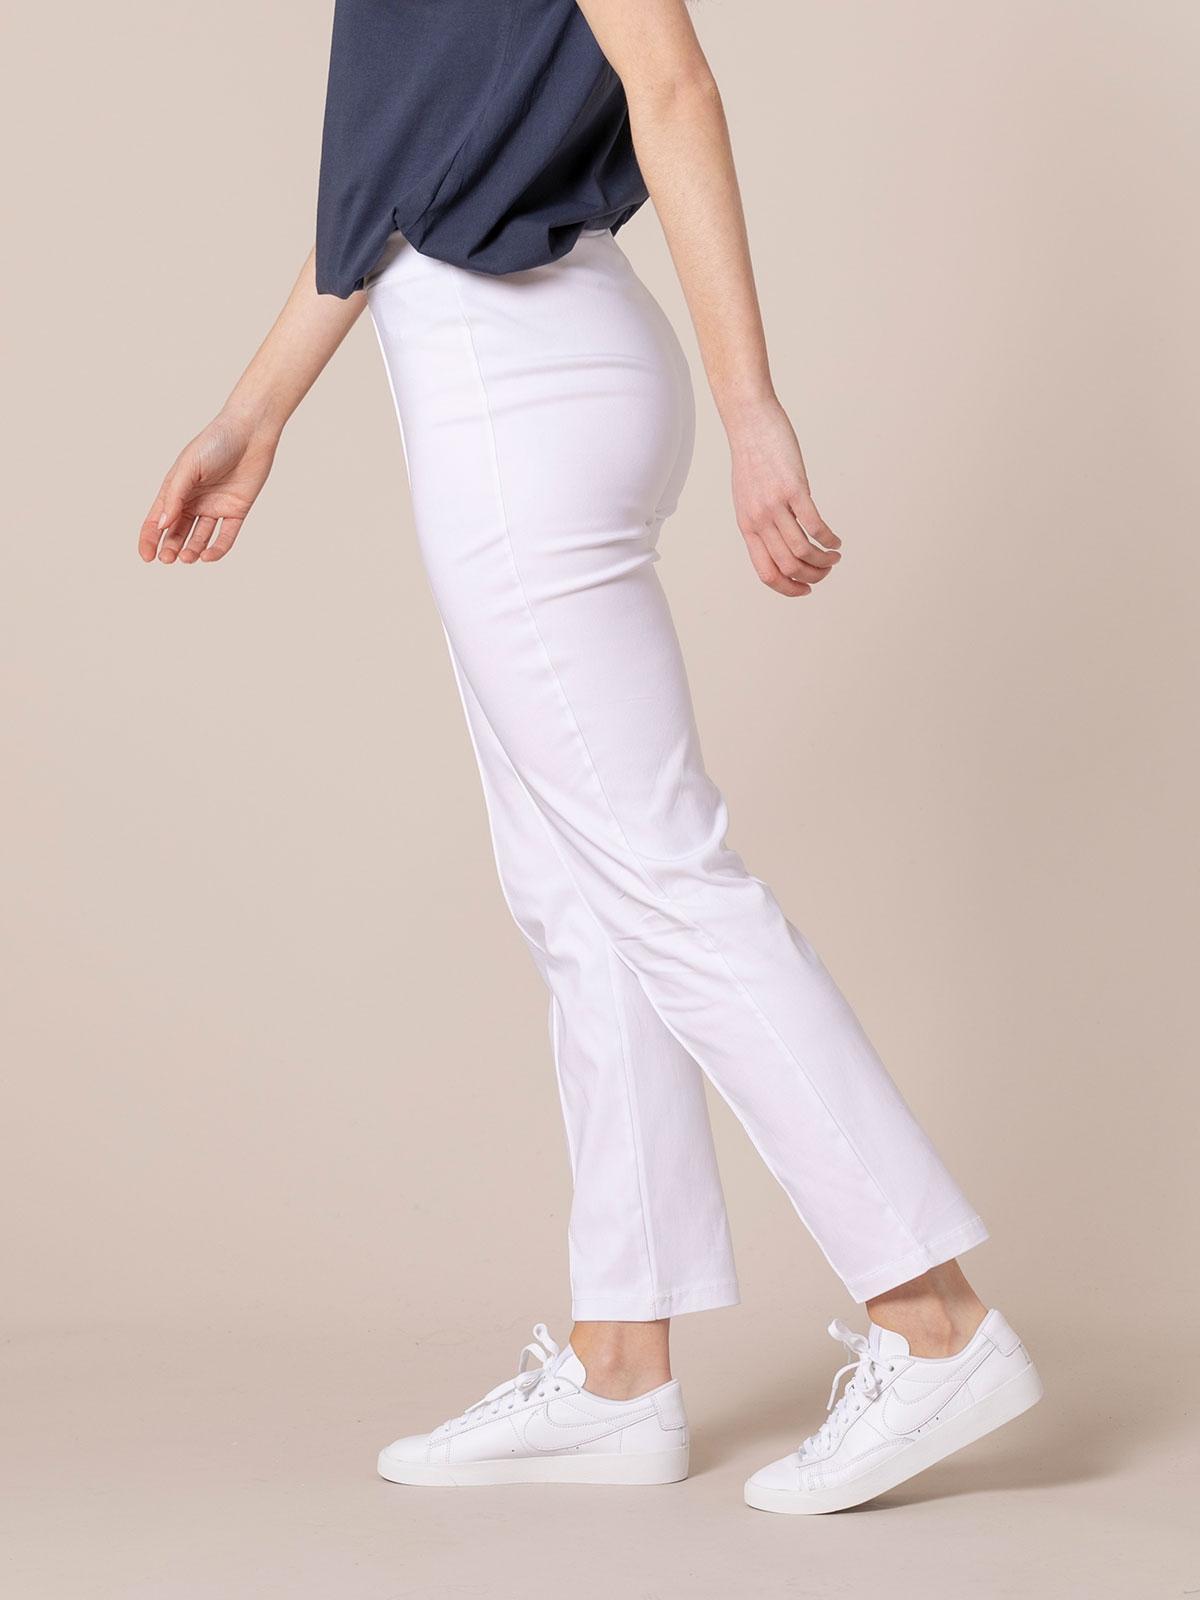 Pantalón mujer confort elástico Blanco